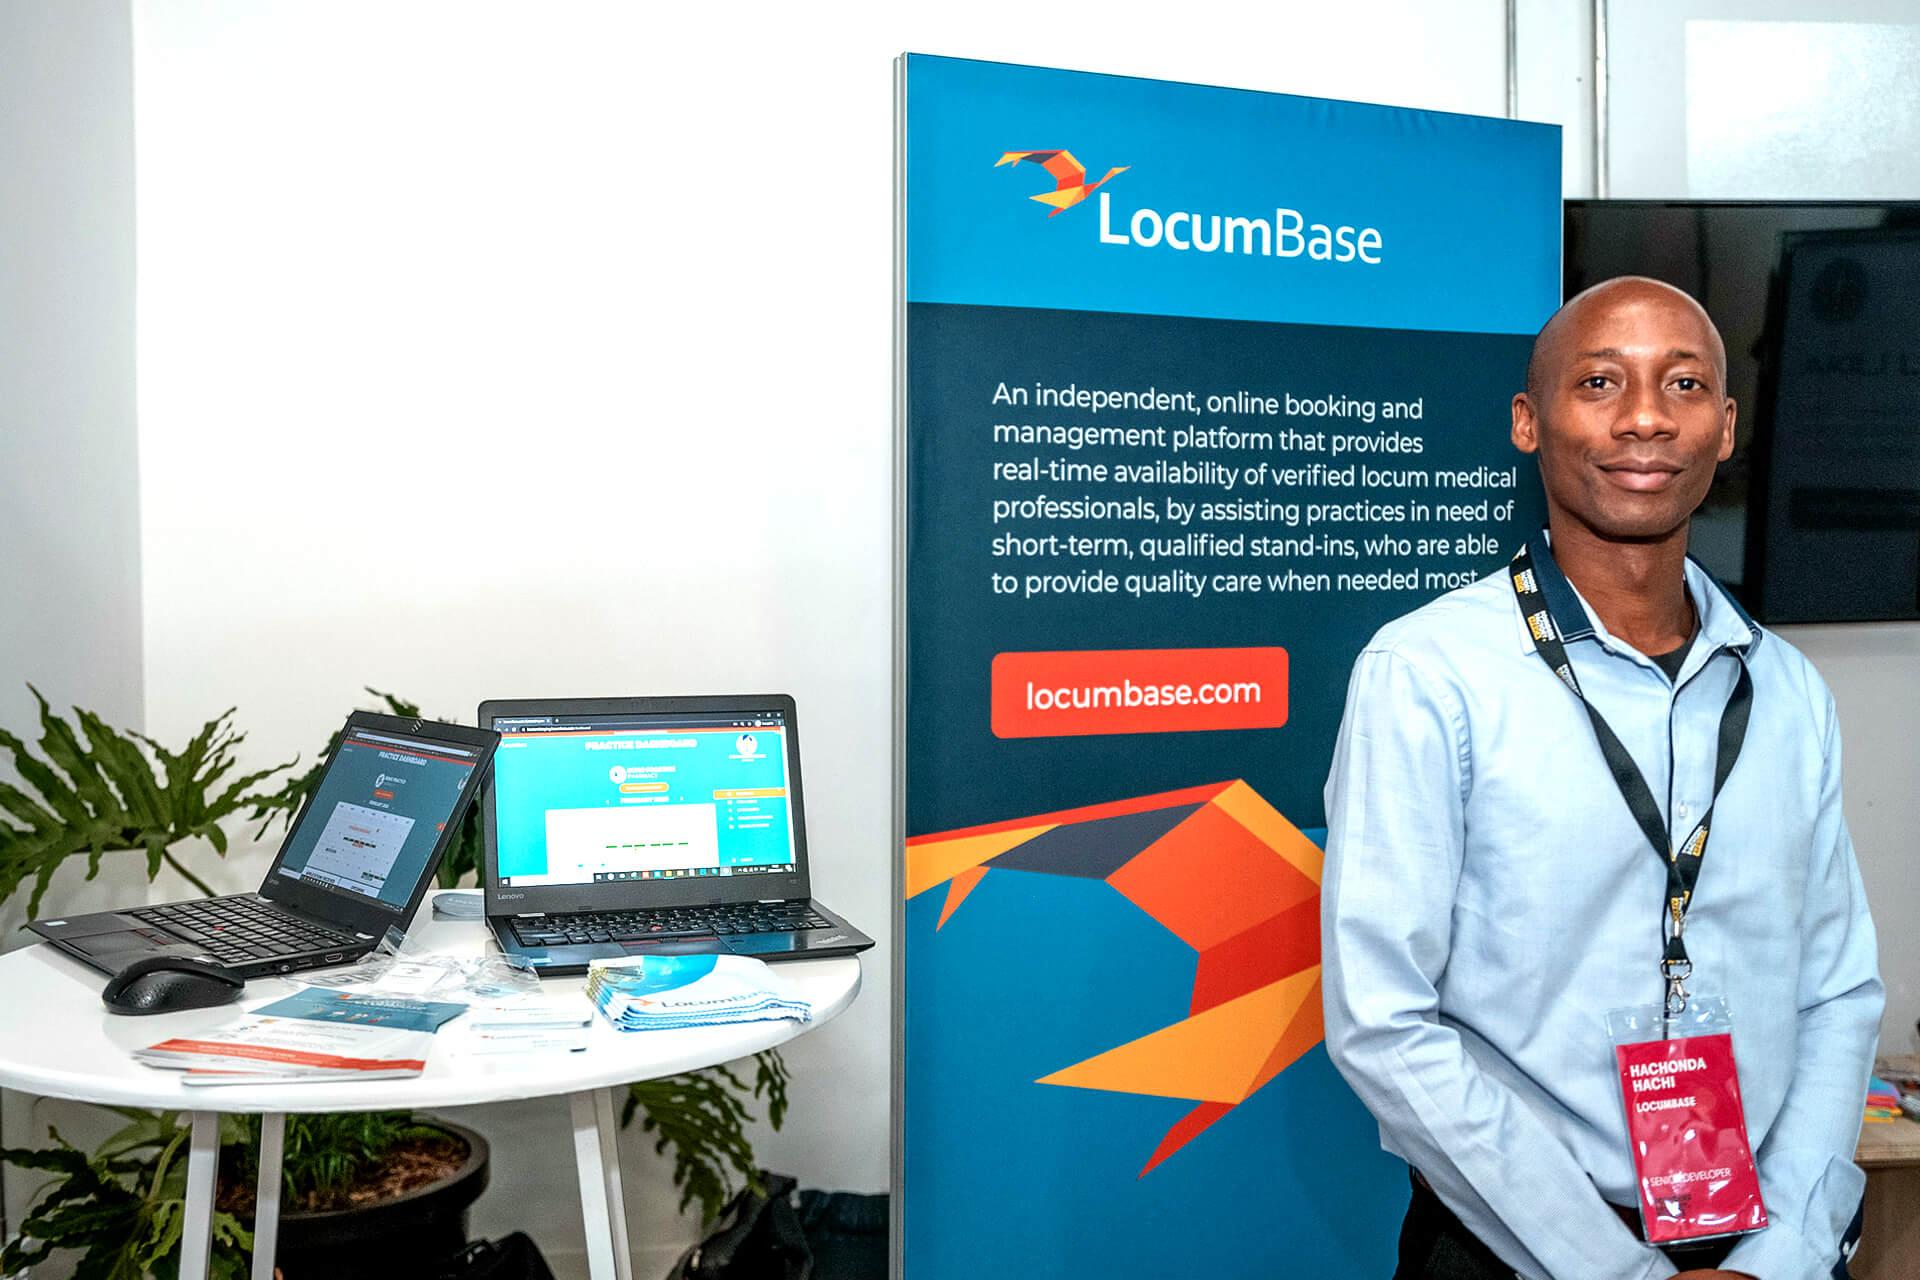 LocumBase